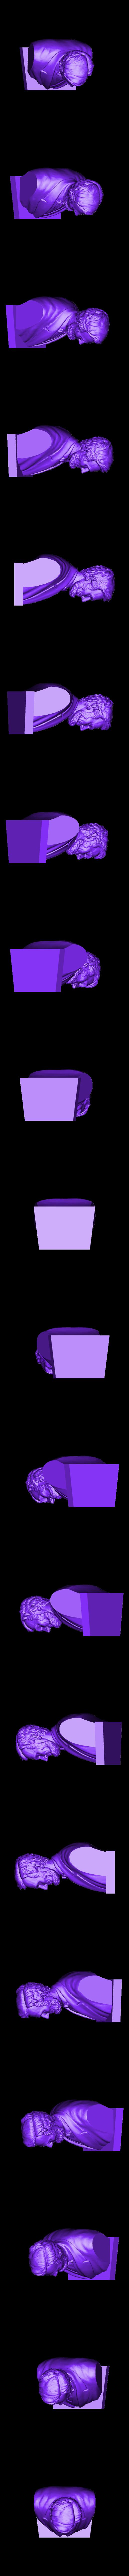 lincoln.stl Télécharger fichier STL gratuit Abraham Lincoln Buste • Objet imprimable en 3D, cody5